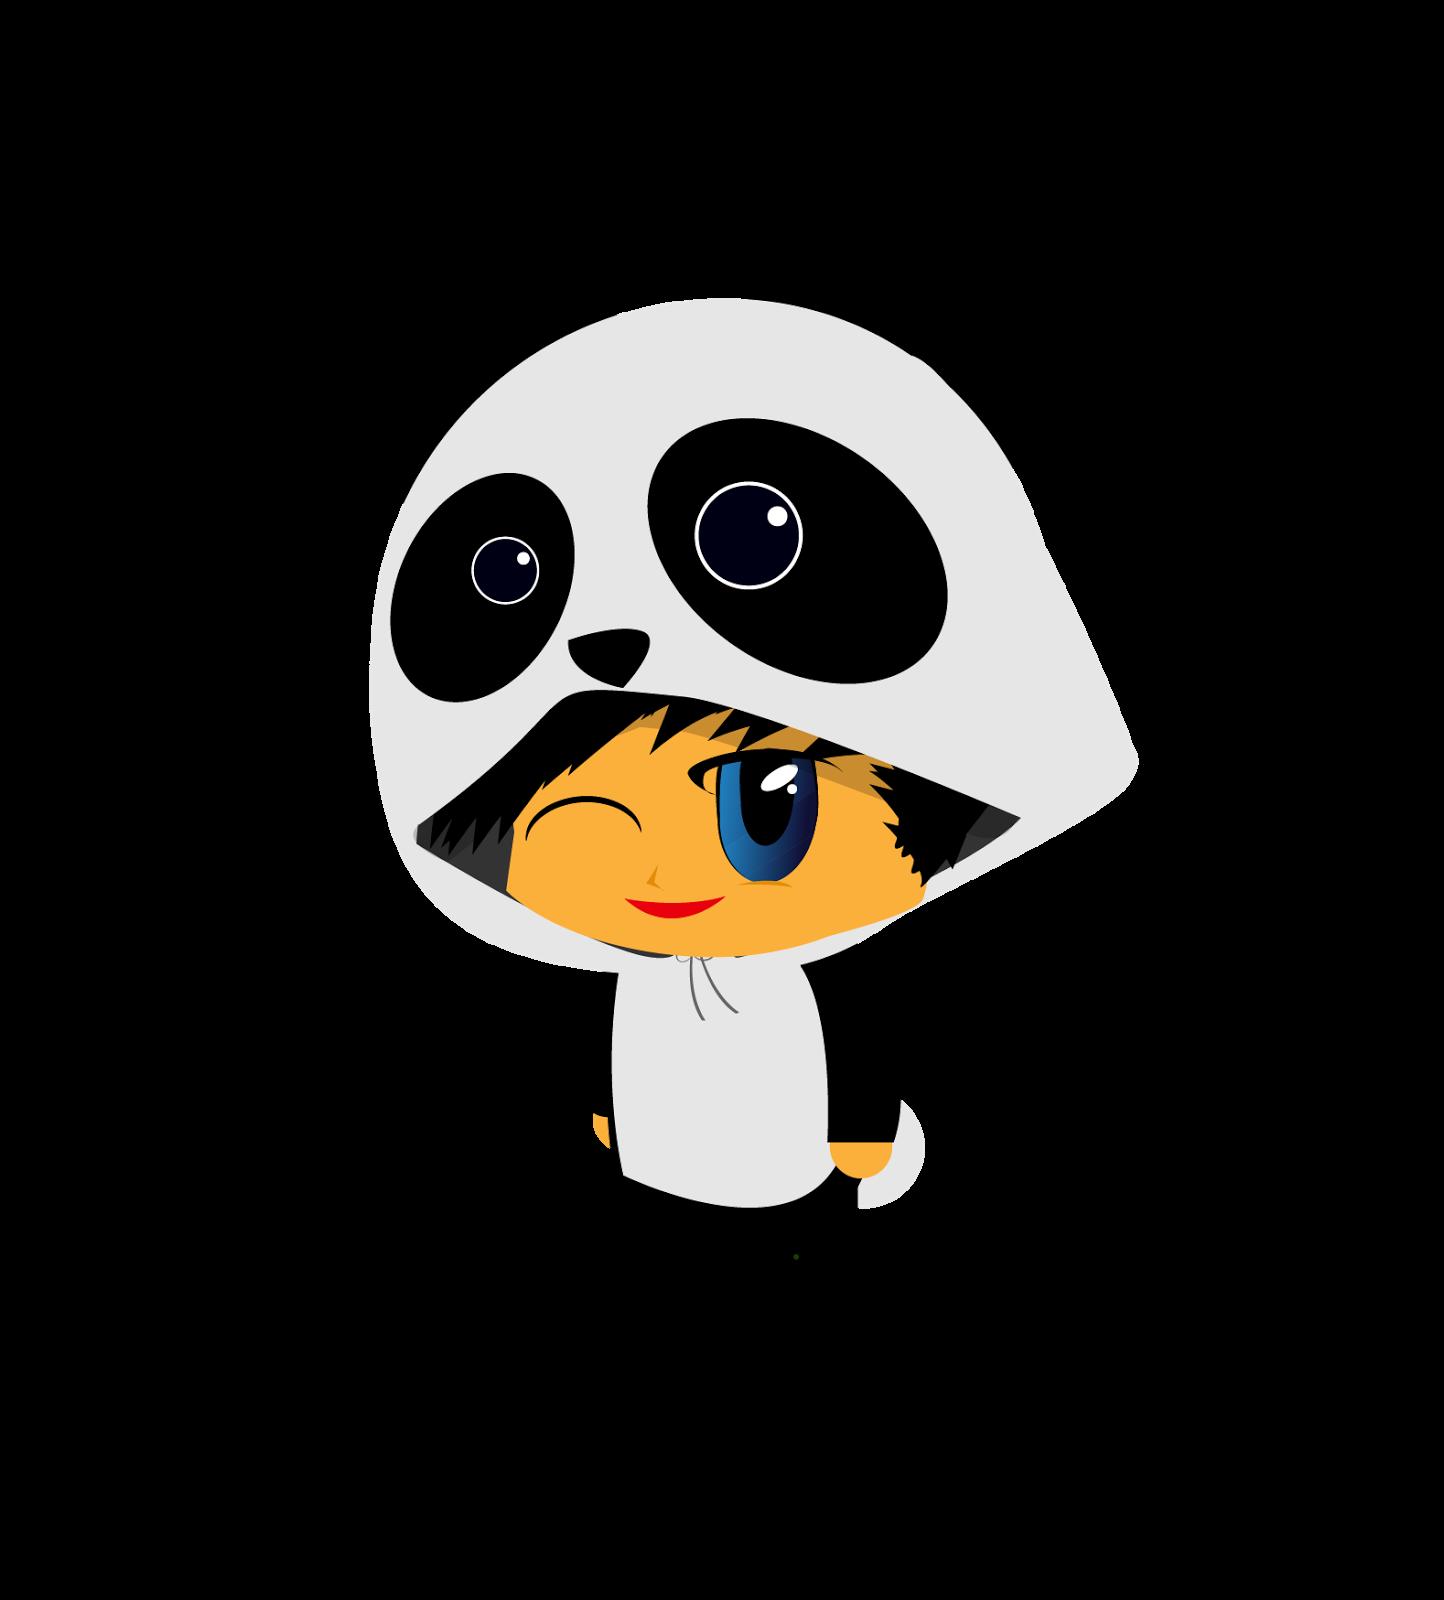 freebies doodles, cute vector